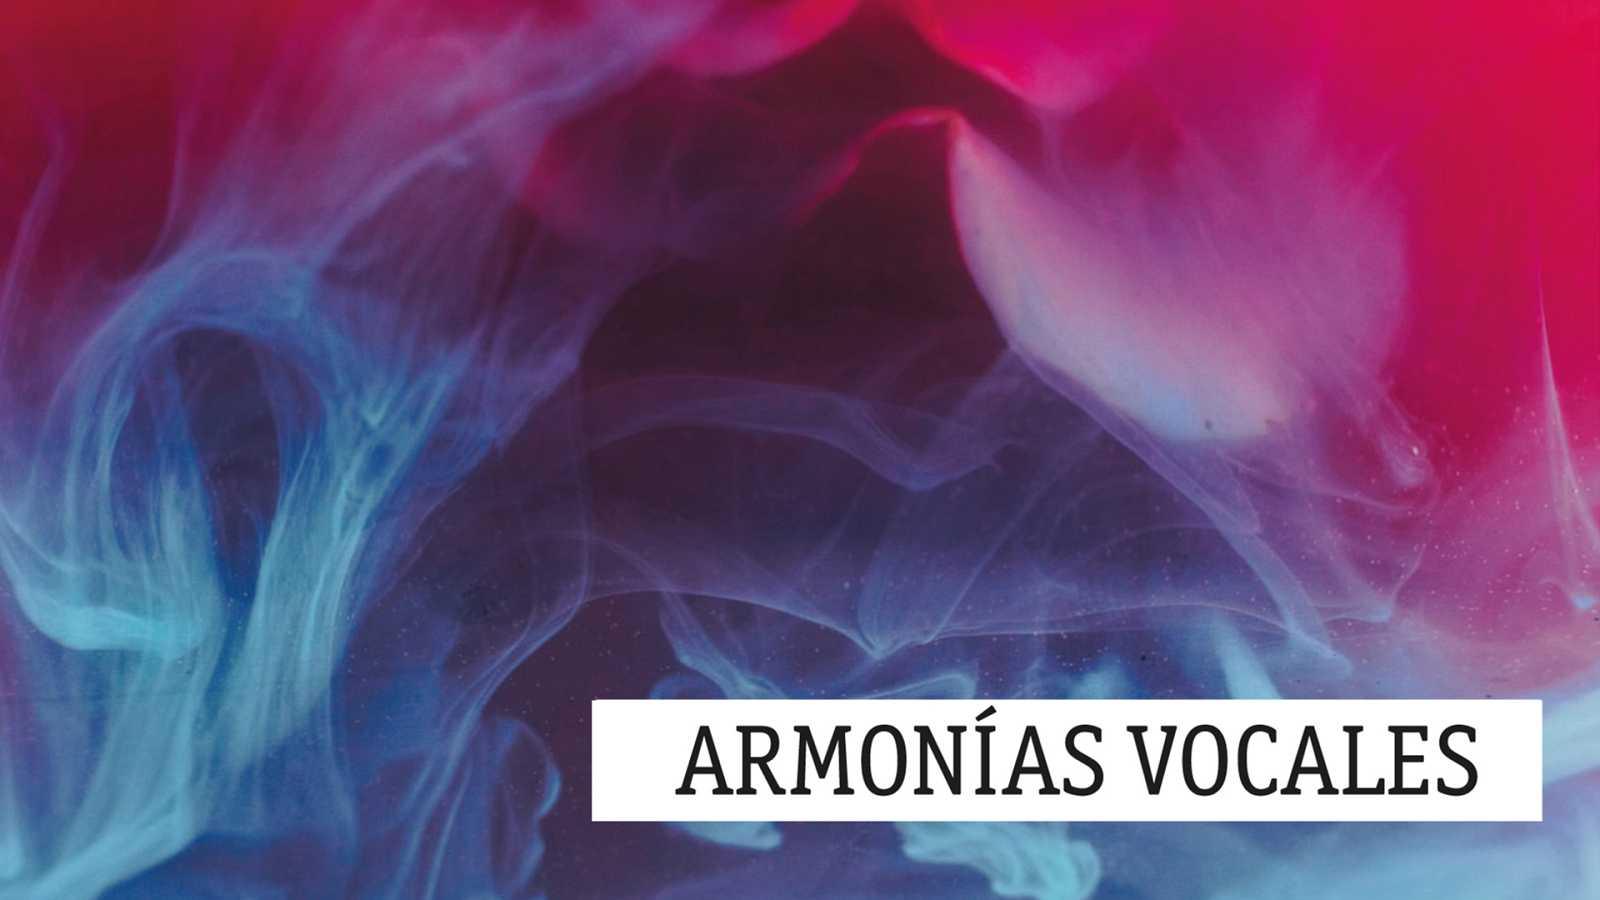 Armonías vocales - 06/02/21 - escuchar ahora